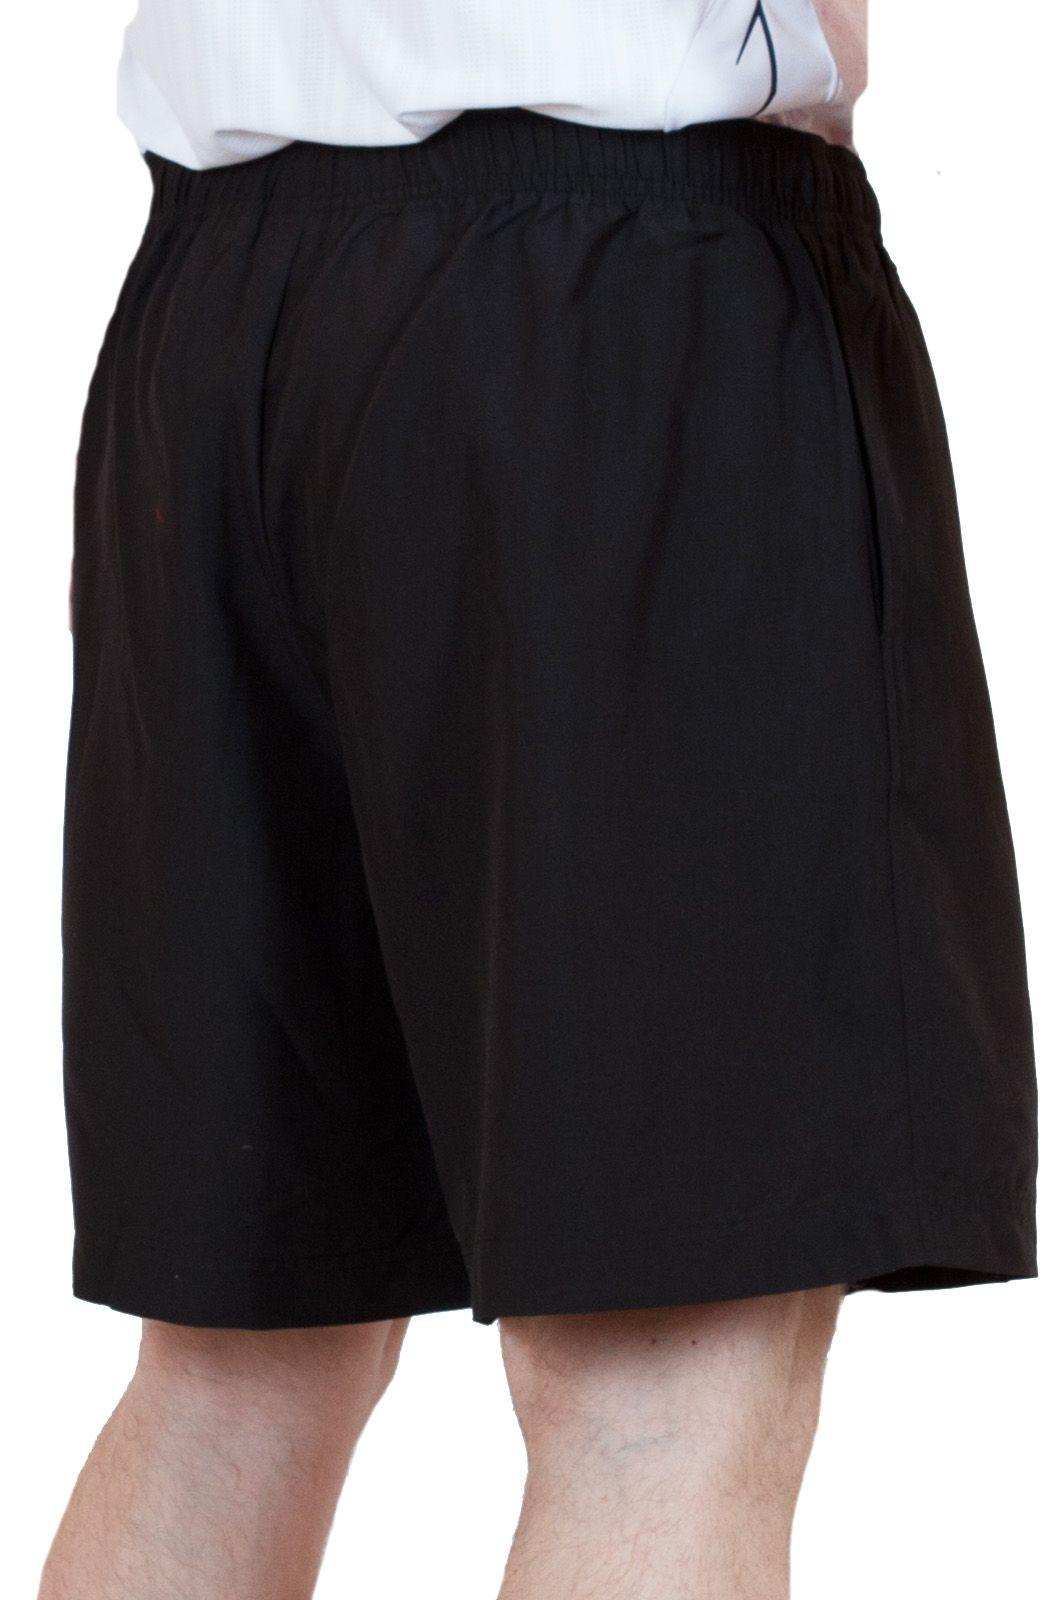 Черные мужские шорты спортивного стиля - вид сзади